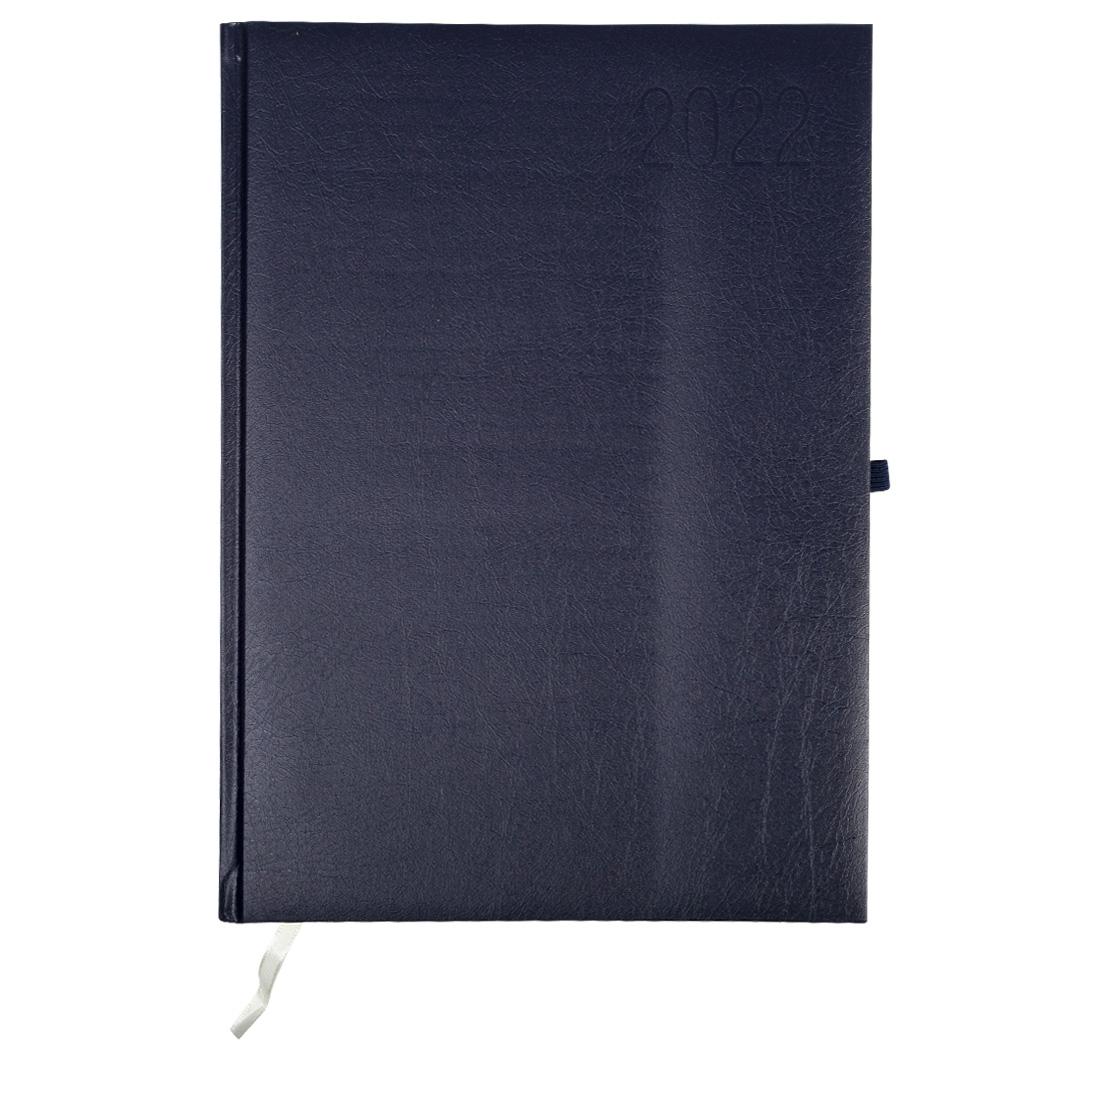 Kalendarz terminarz biurowy twardy z miejscem na długopis na rok 2022 - O.DIARY Neptun - 297 x 216 mm (A4) - niebieski